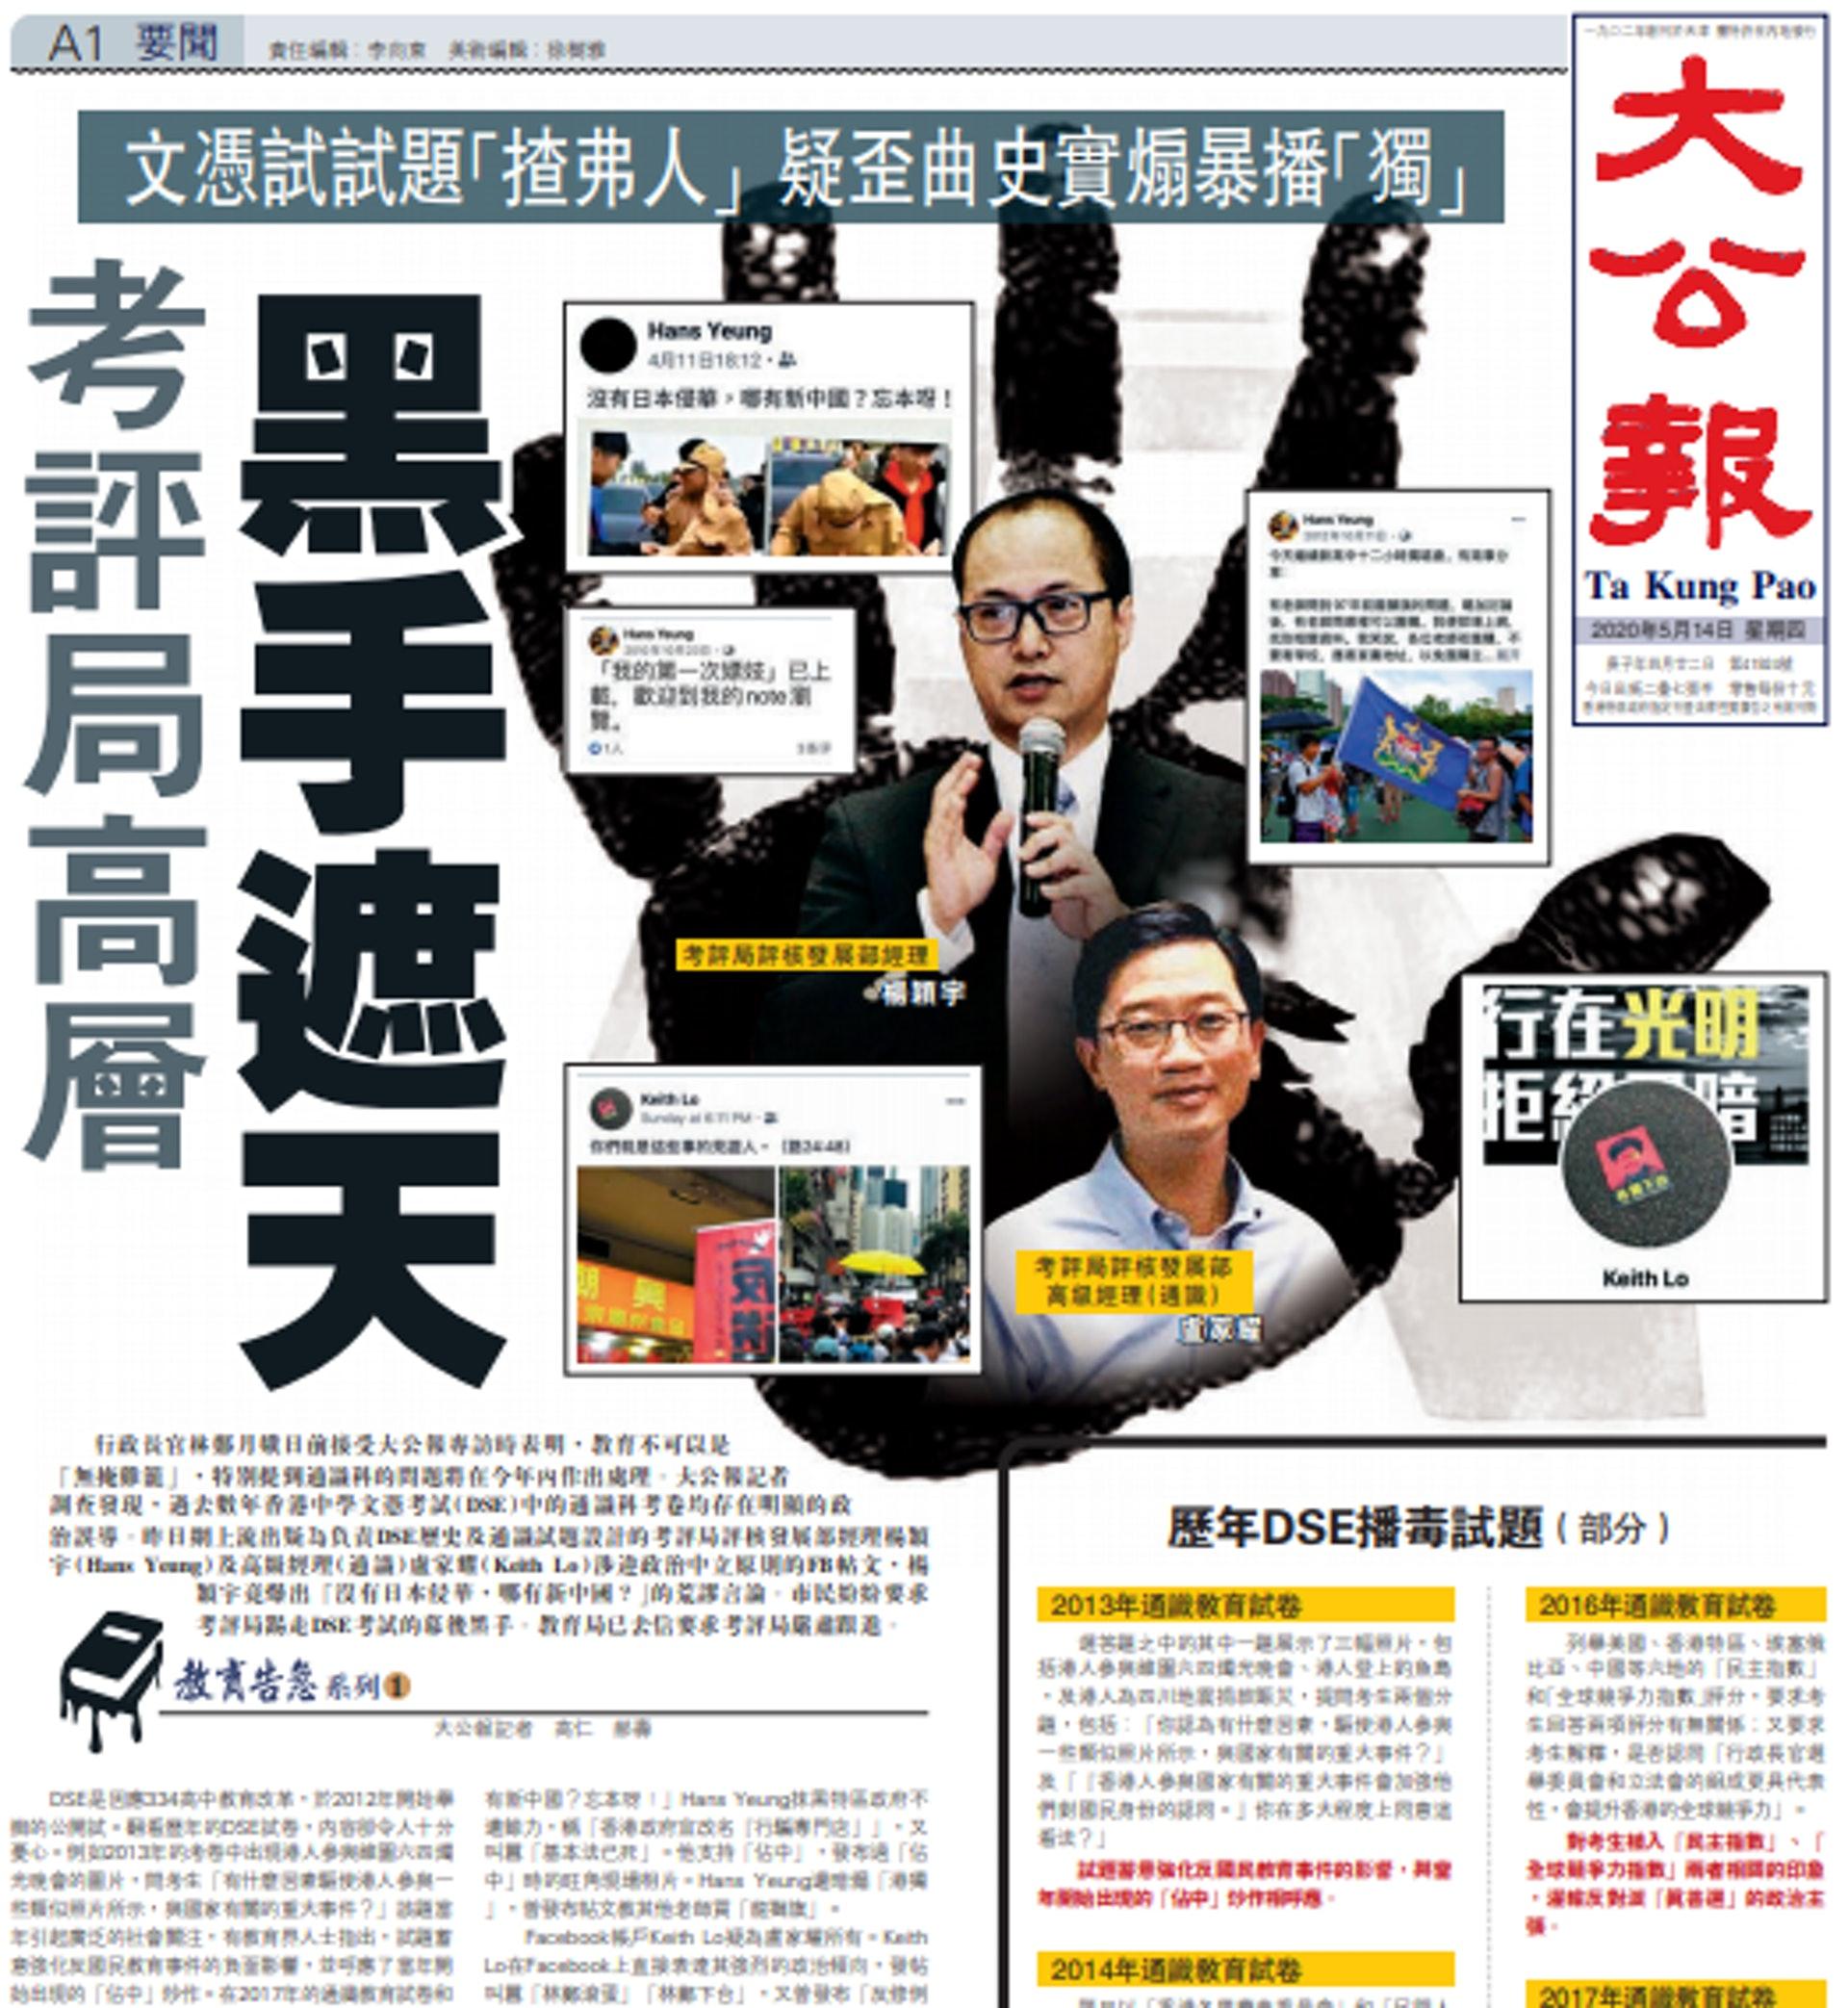 《大公報》在周四以頭版報道。(大公報網站截圖)